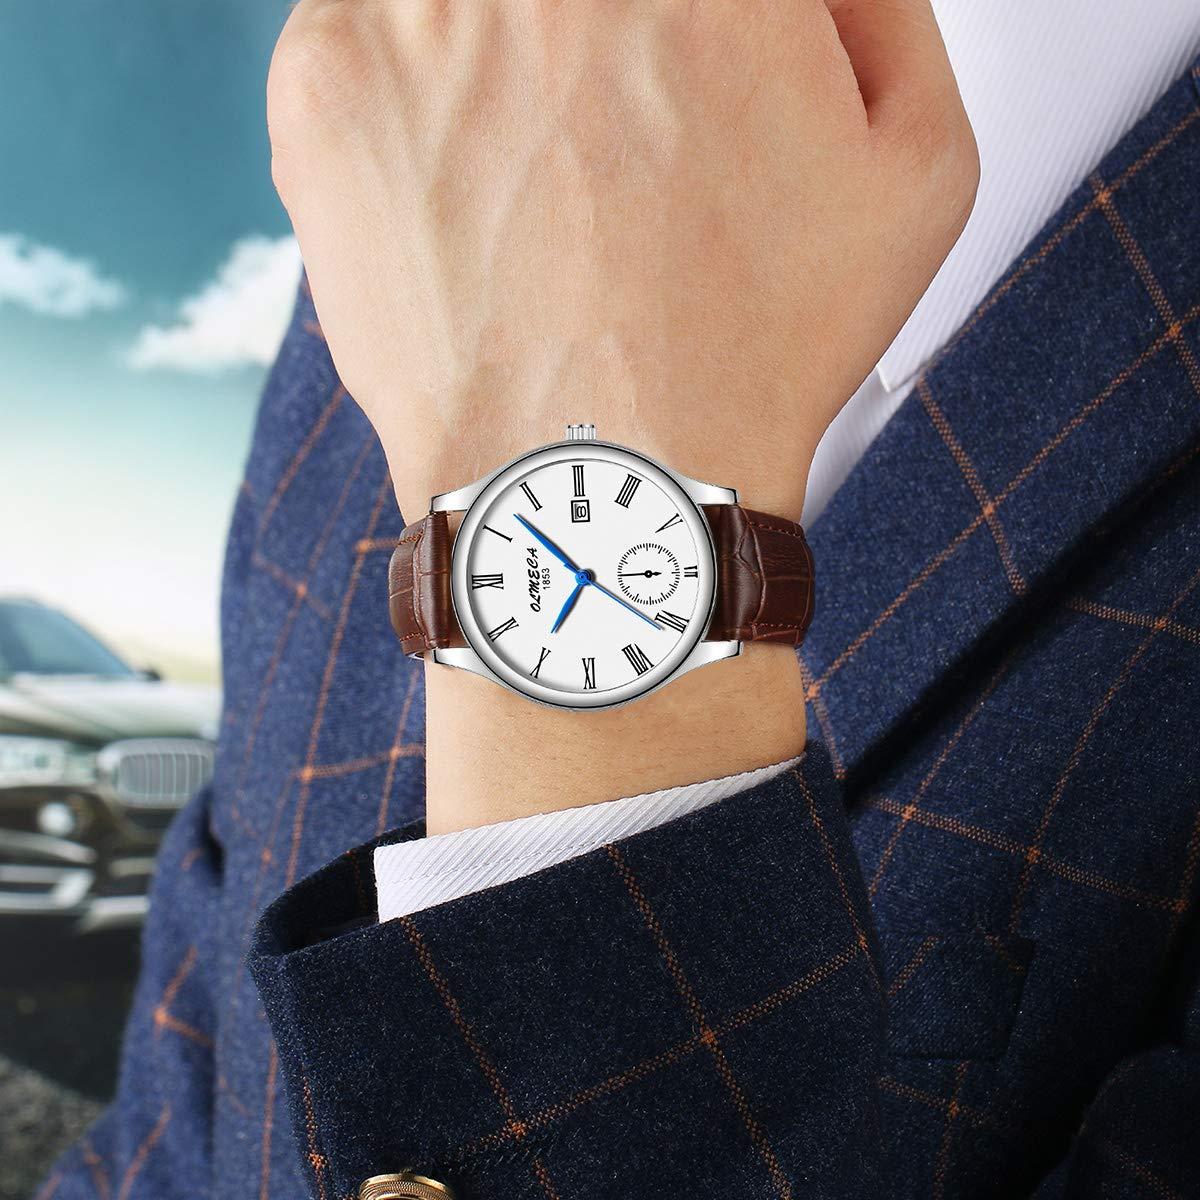 Amazon.com: OLMECA Mens Watches Luxury Wristwatches Rhinestone Watches Waterproof Fashion Quartz Watches Women Watch Stainless Steel Watch 758M-GKBMZpd: ...